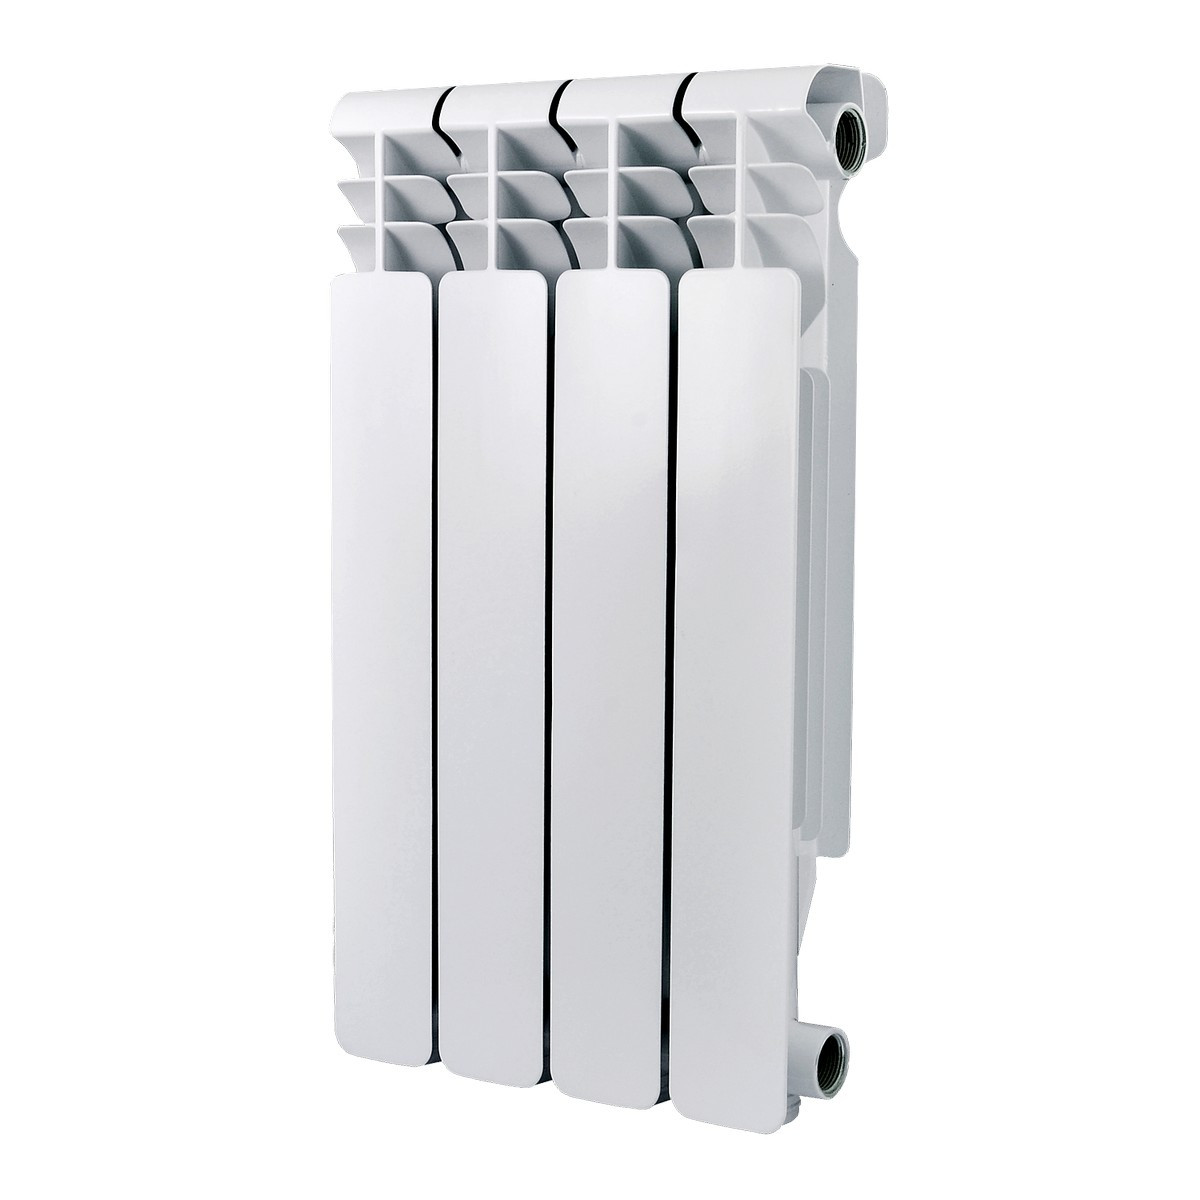 Радиатор алюминий Classic 500 7 секций Ogint 017-5991